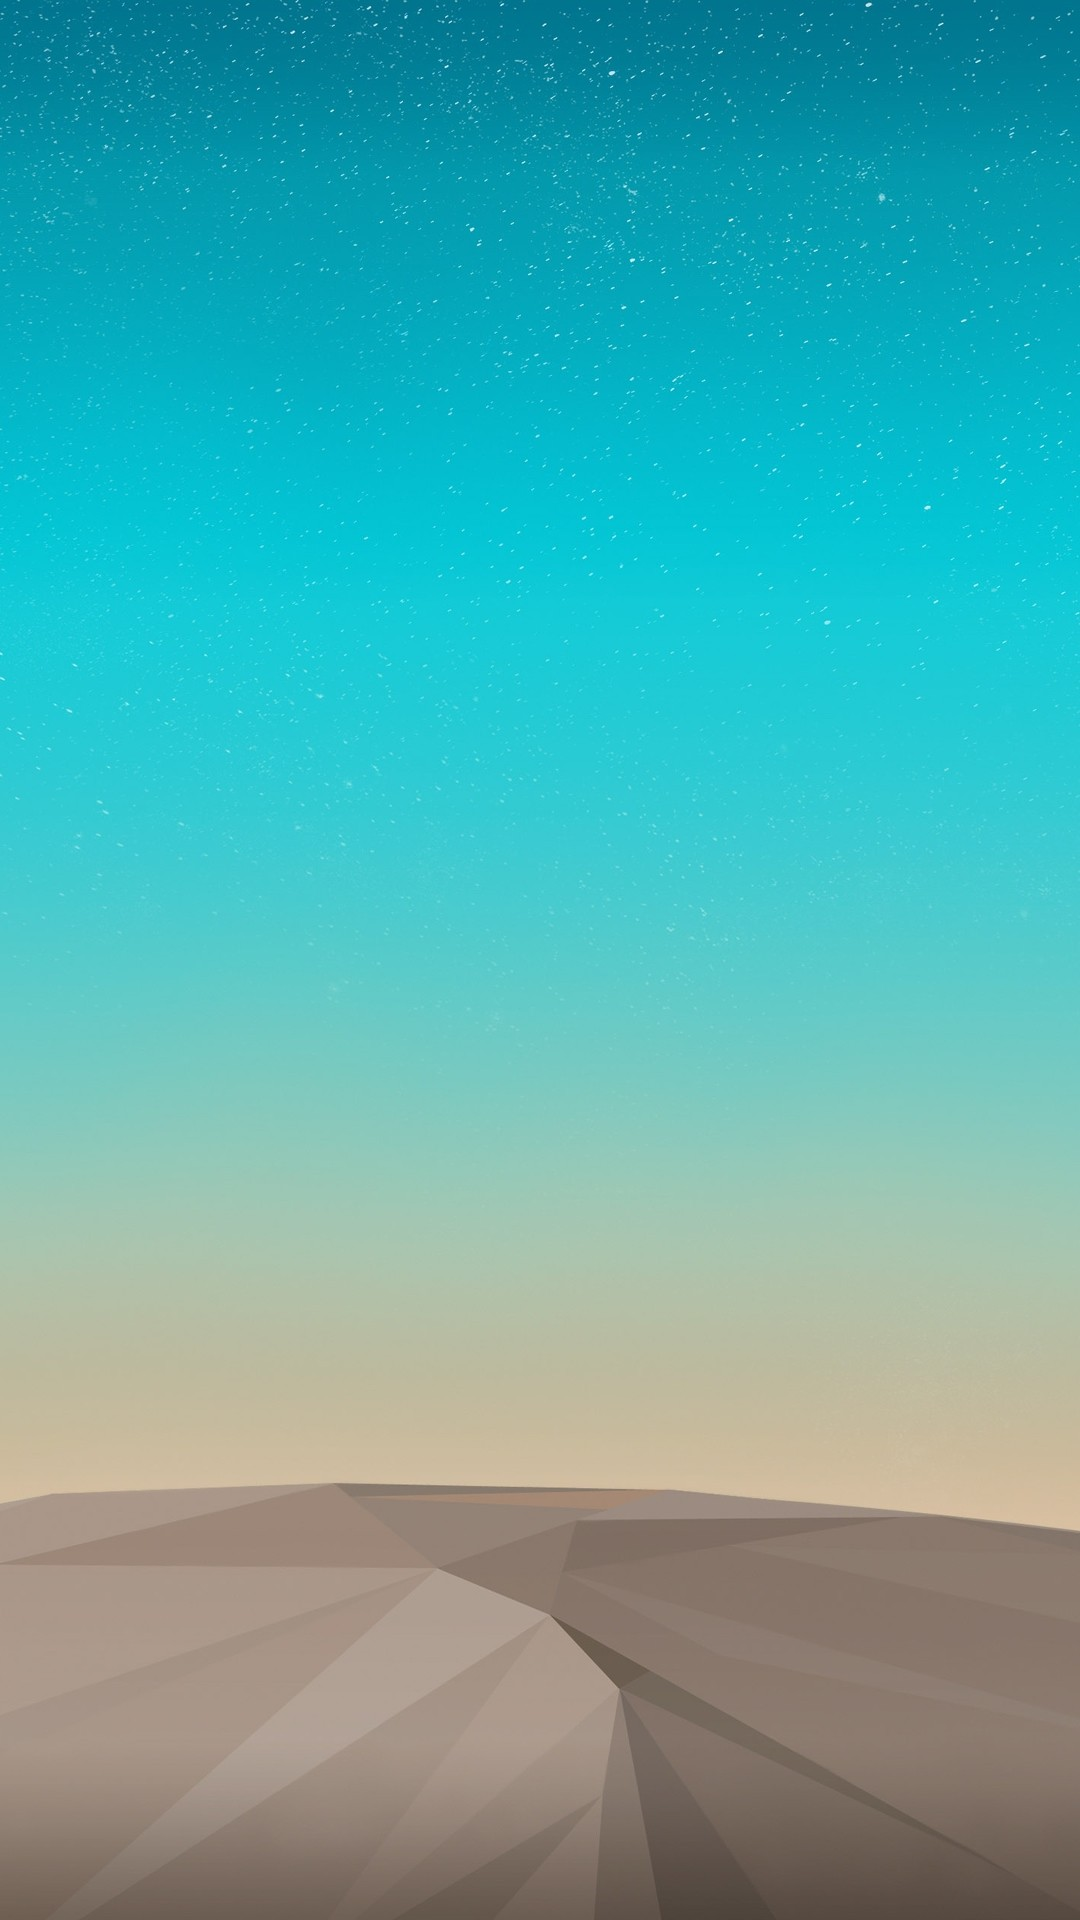 Default iPhone wallpaper